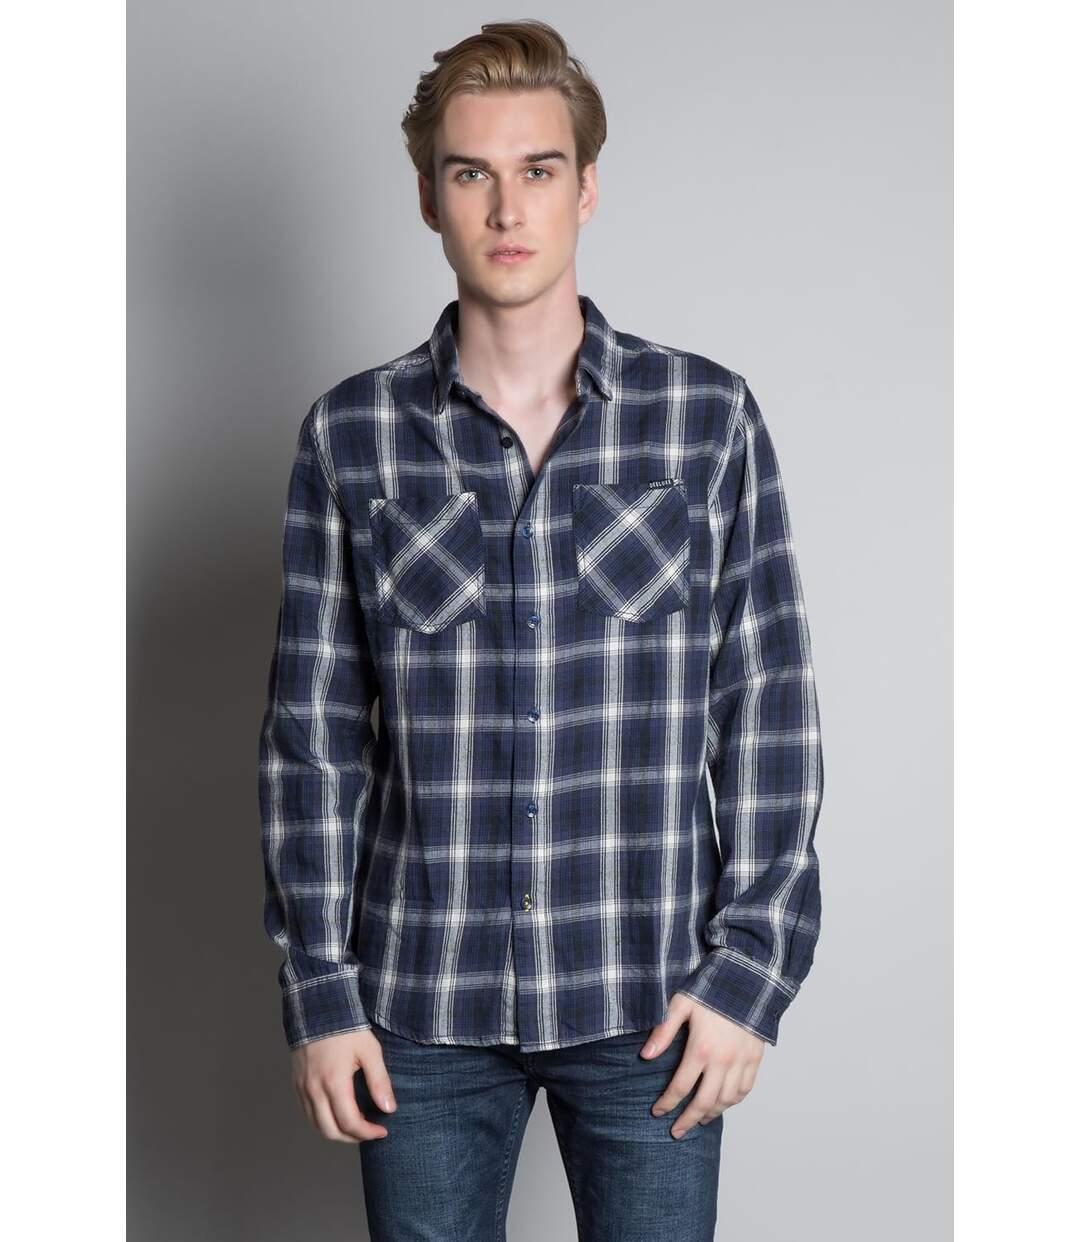 Chemise à carreaux en coton TOPOLA Navy